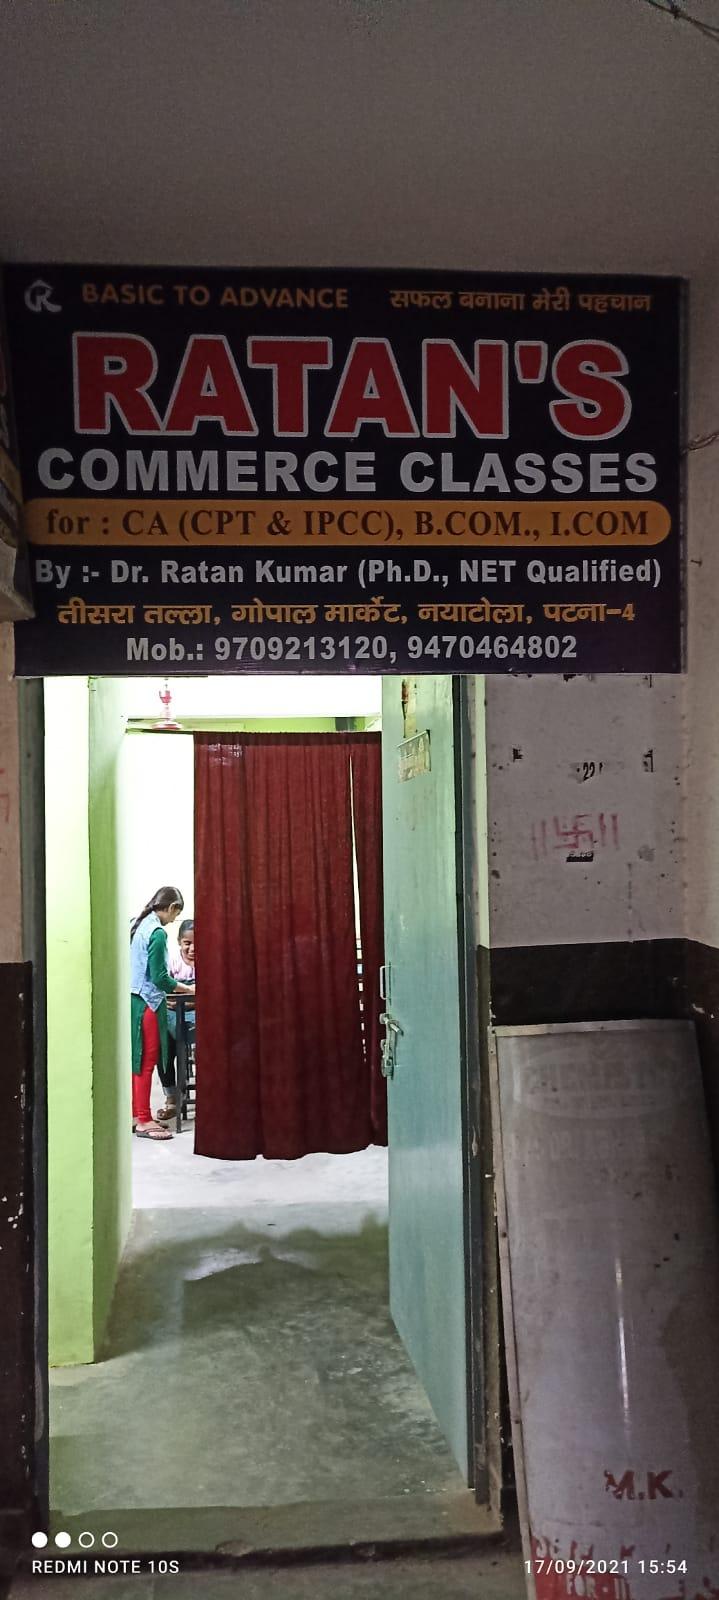 RATAN'S COMMERCE CLASSES Logo